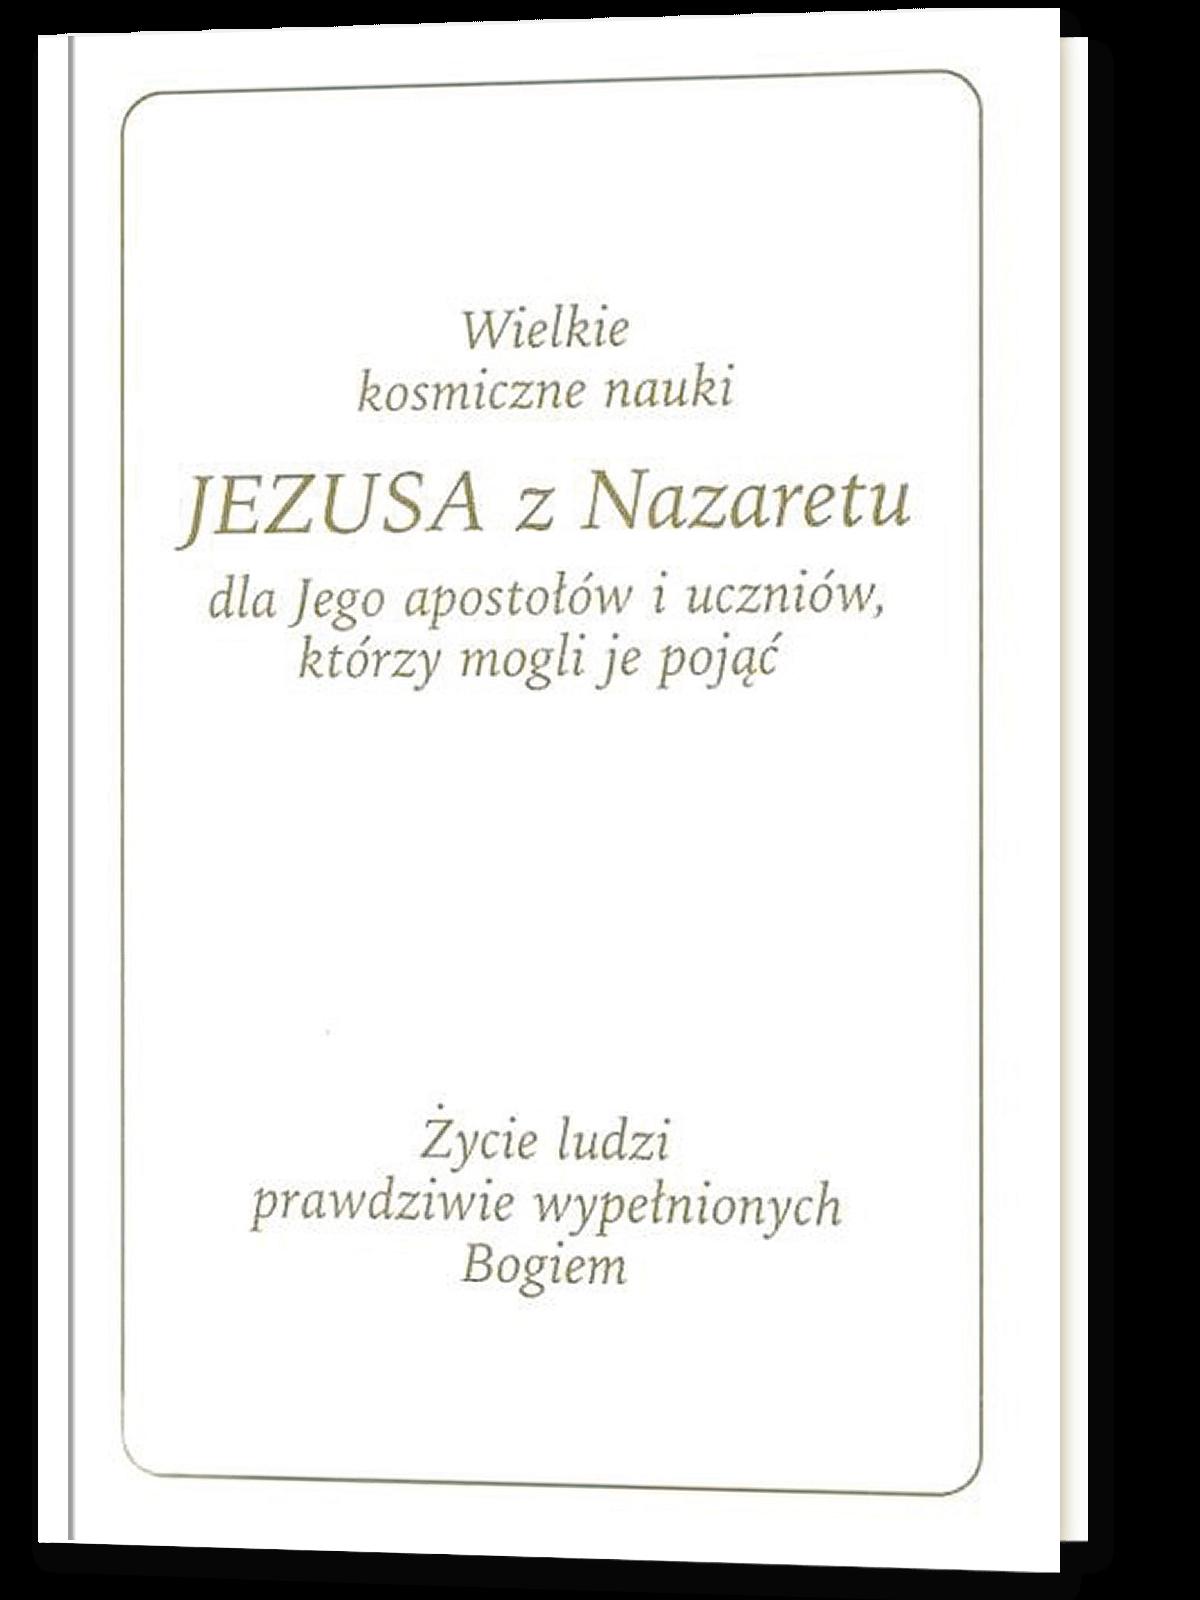 Wielkie kosmiczne nauki Jezusa z Nazaretu